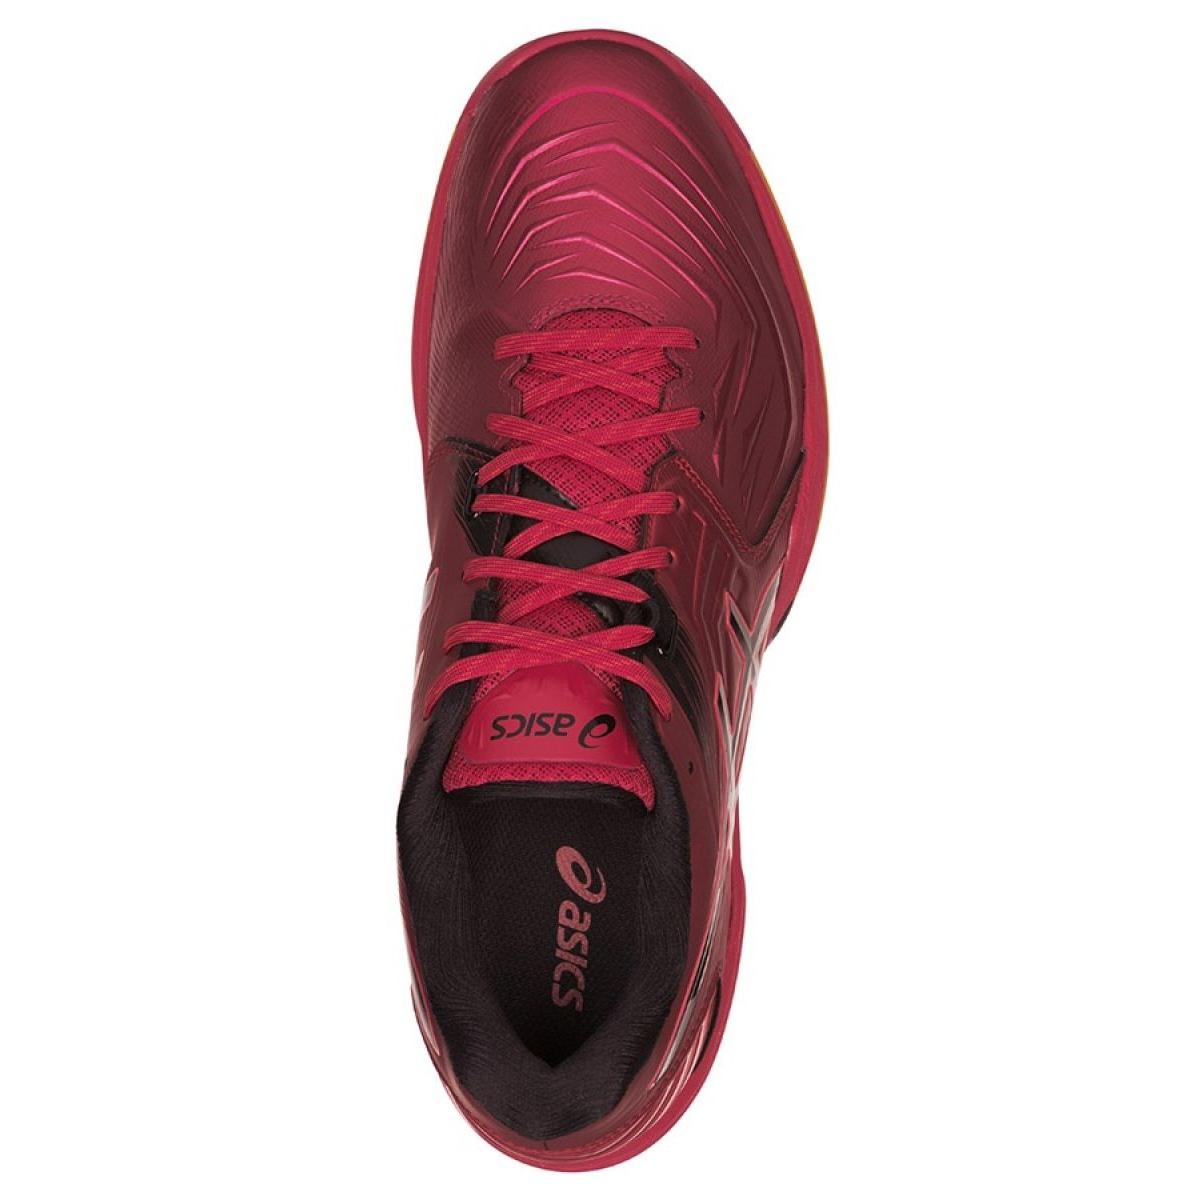 Buty do piłki ręcznej Asics Blast Ff M 1071A002 601 czerwone czarny